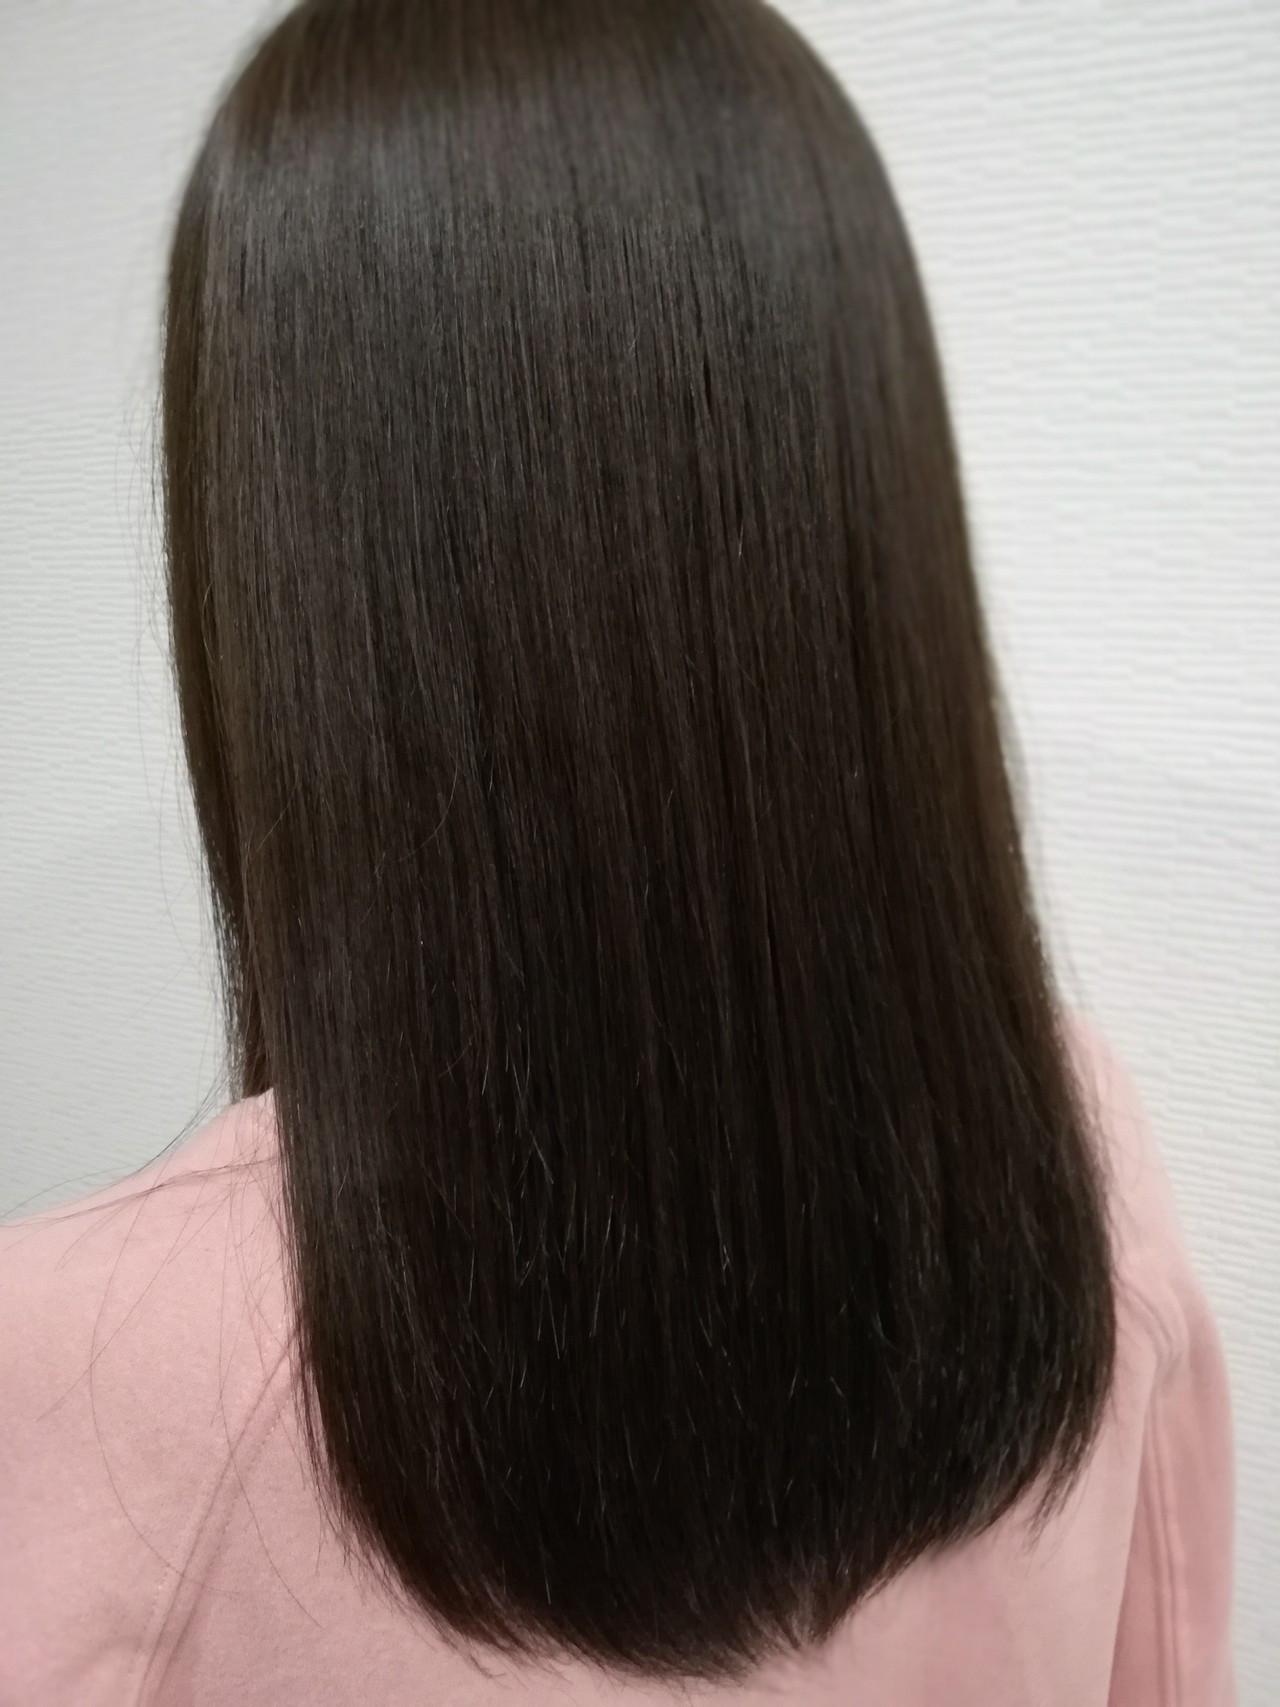 セミロング 艶髪 ナチュラル アッシュ ヘアスタイルや髪型の写真・画像